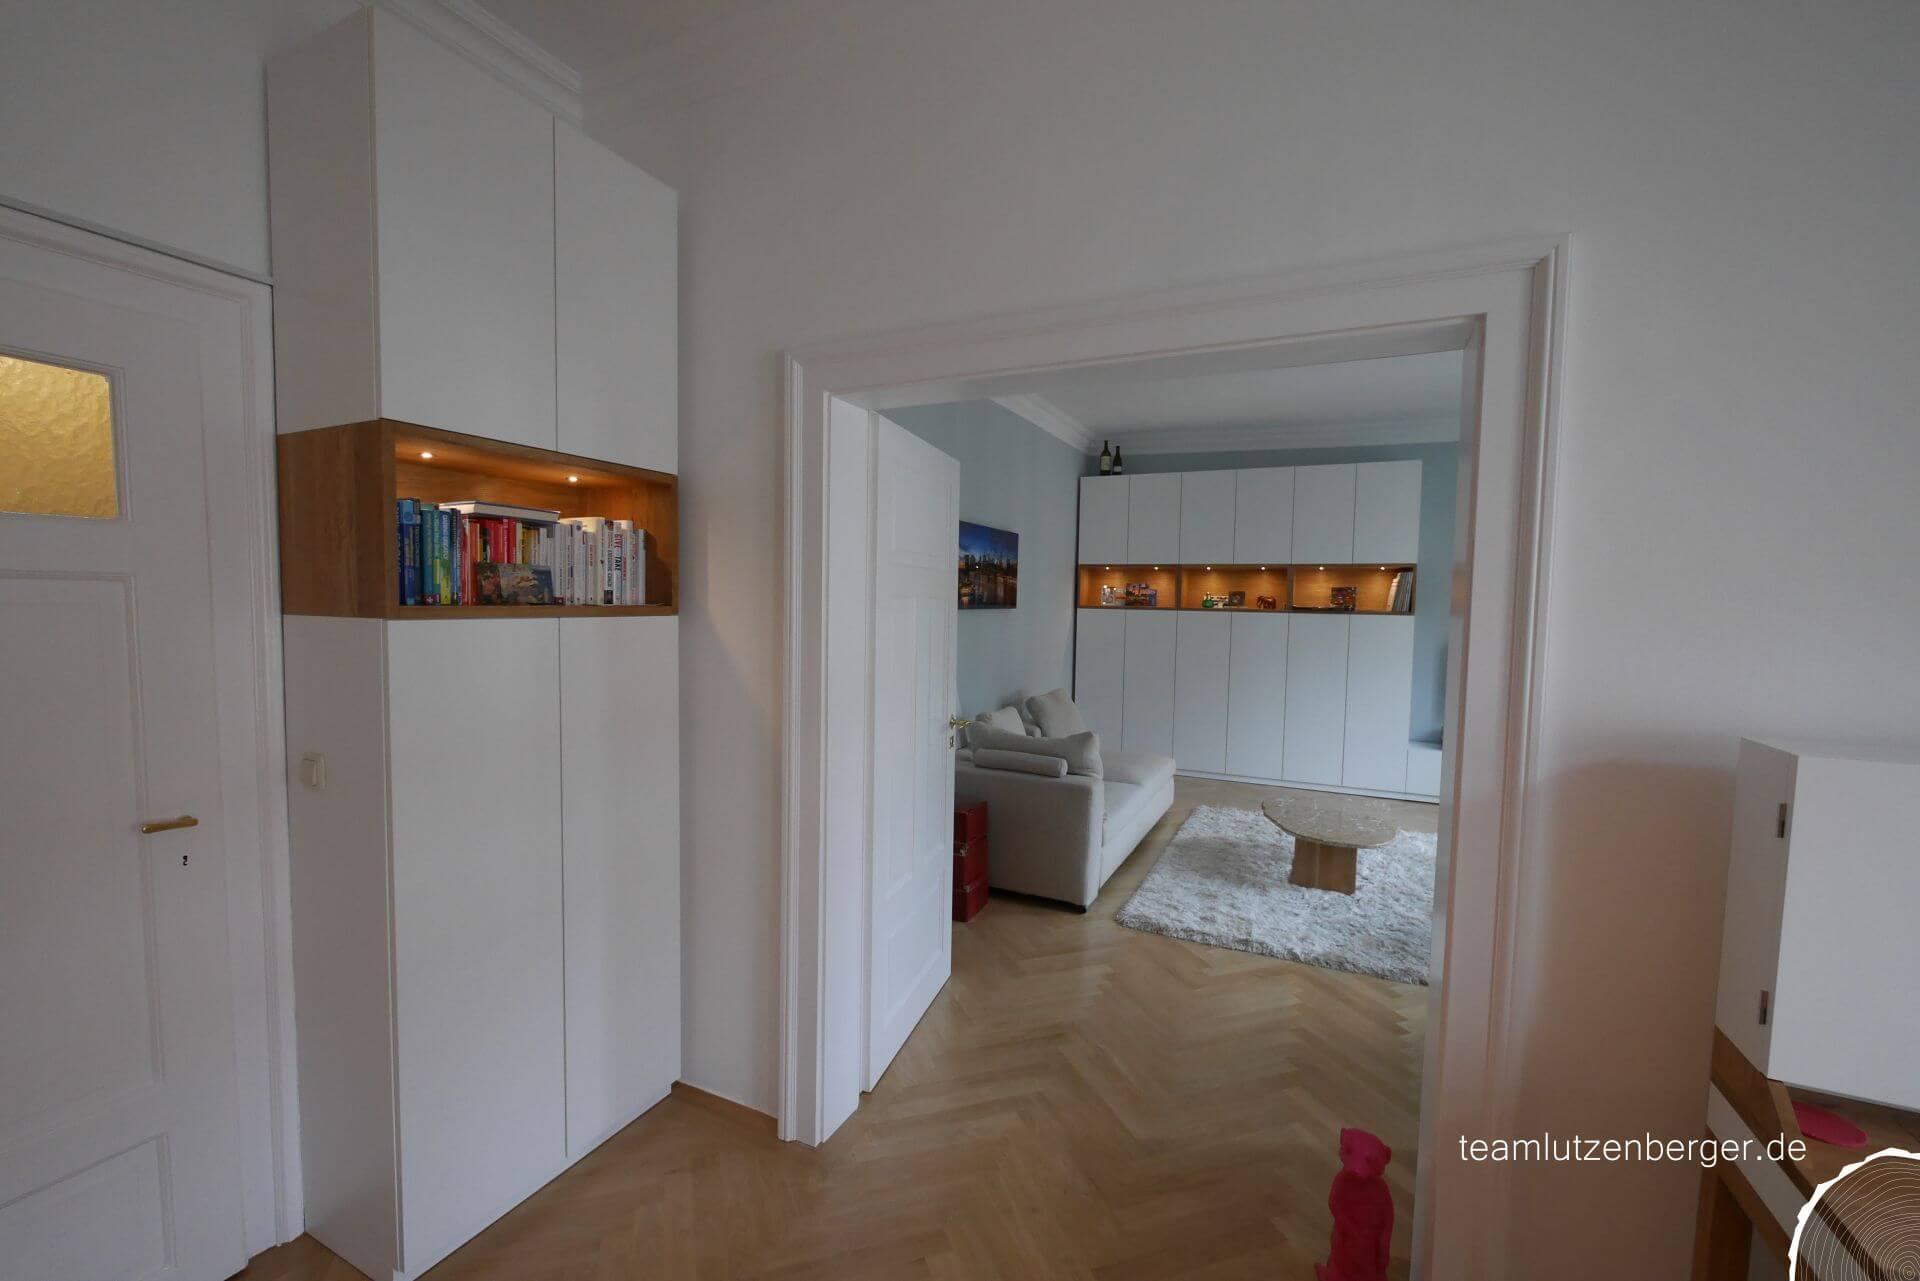 Wohnzimmer Einbauschrank